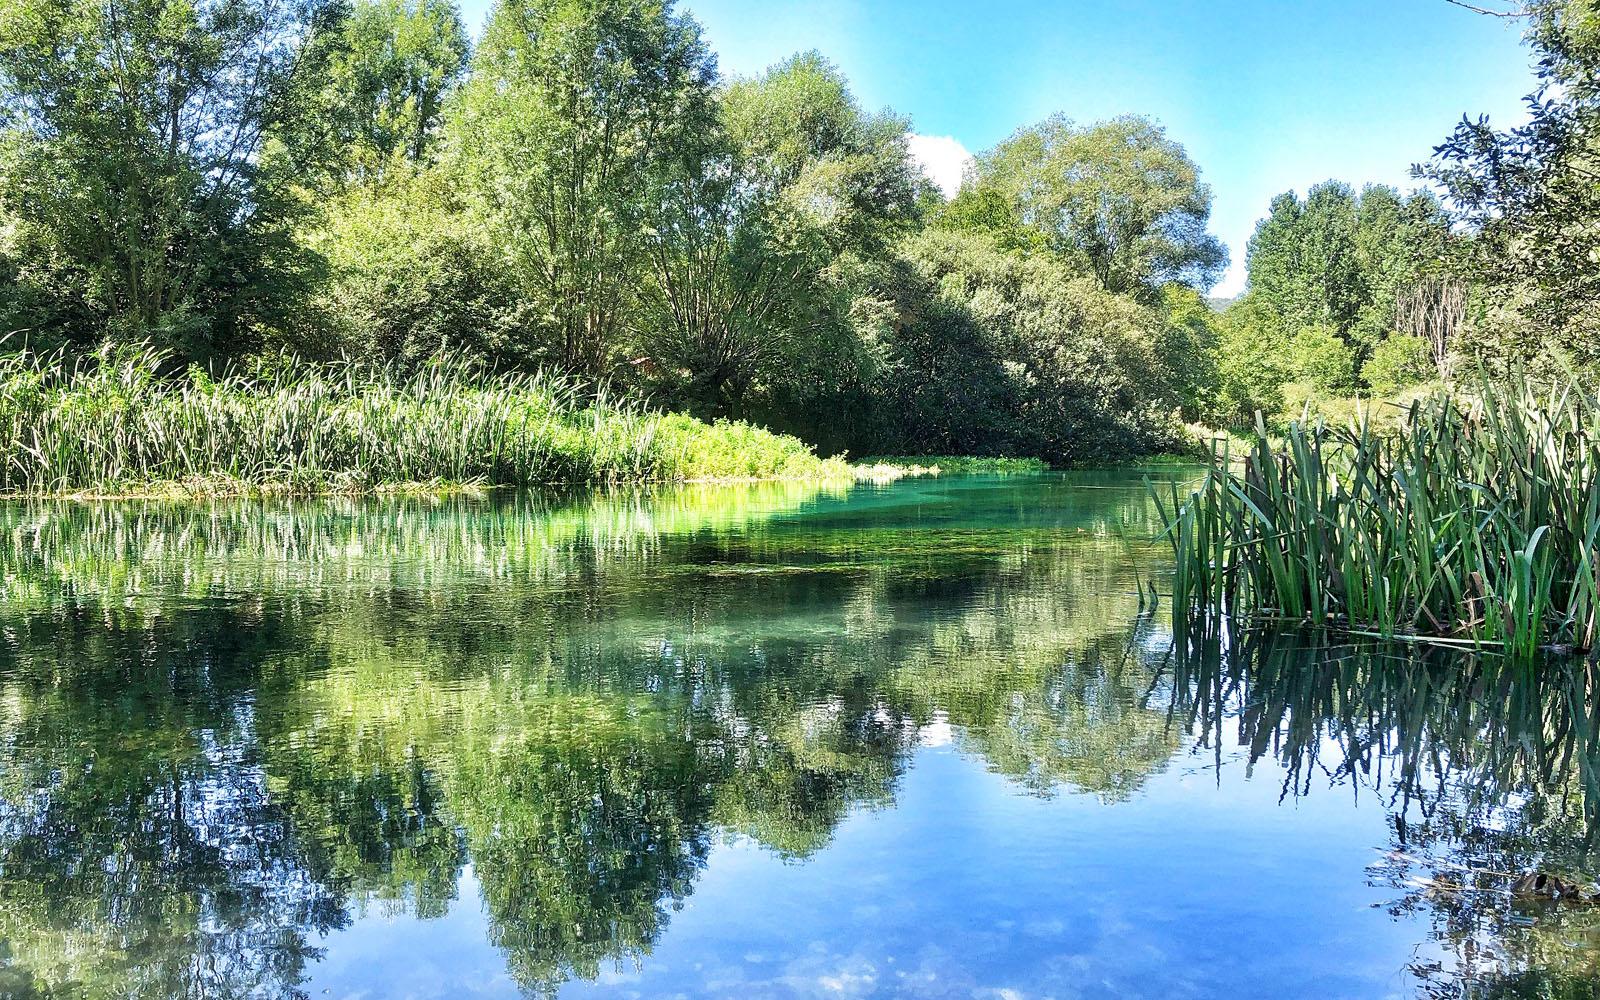 Le limpide acque del fiume Tirino, nel Parco del Gran Sasso in Abruzzo.